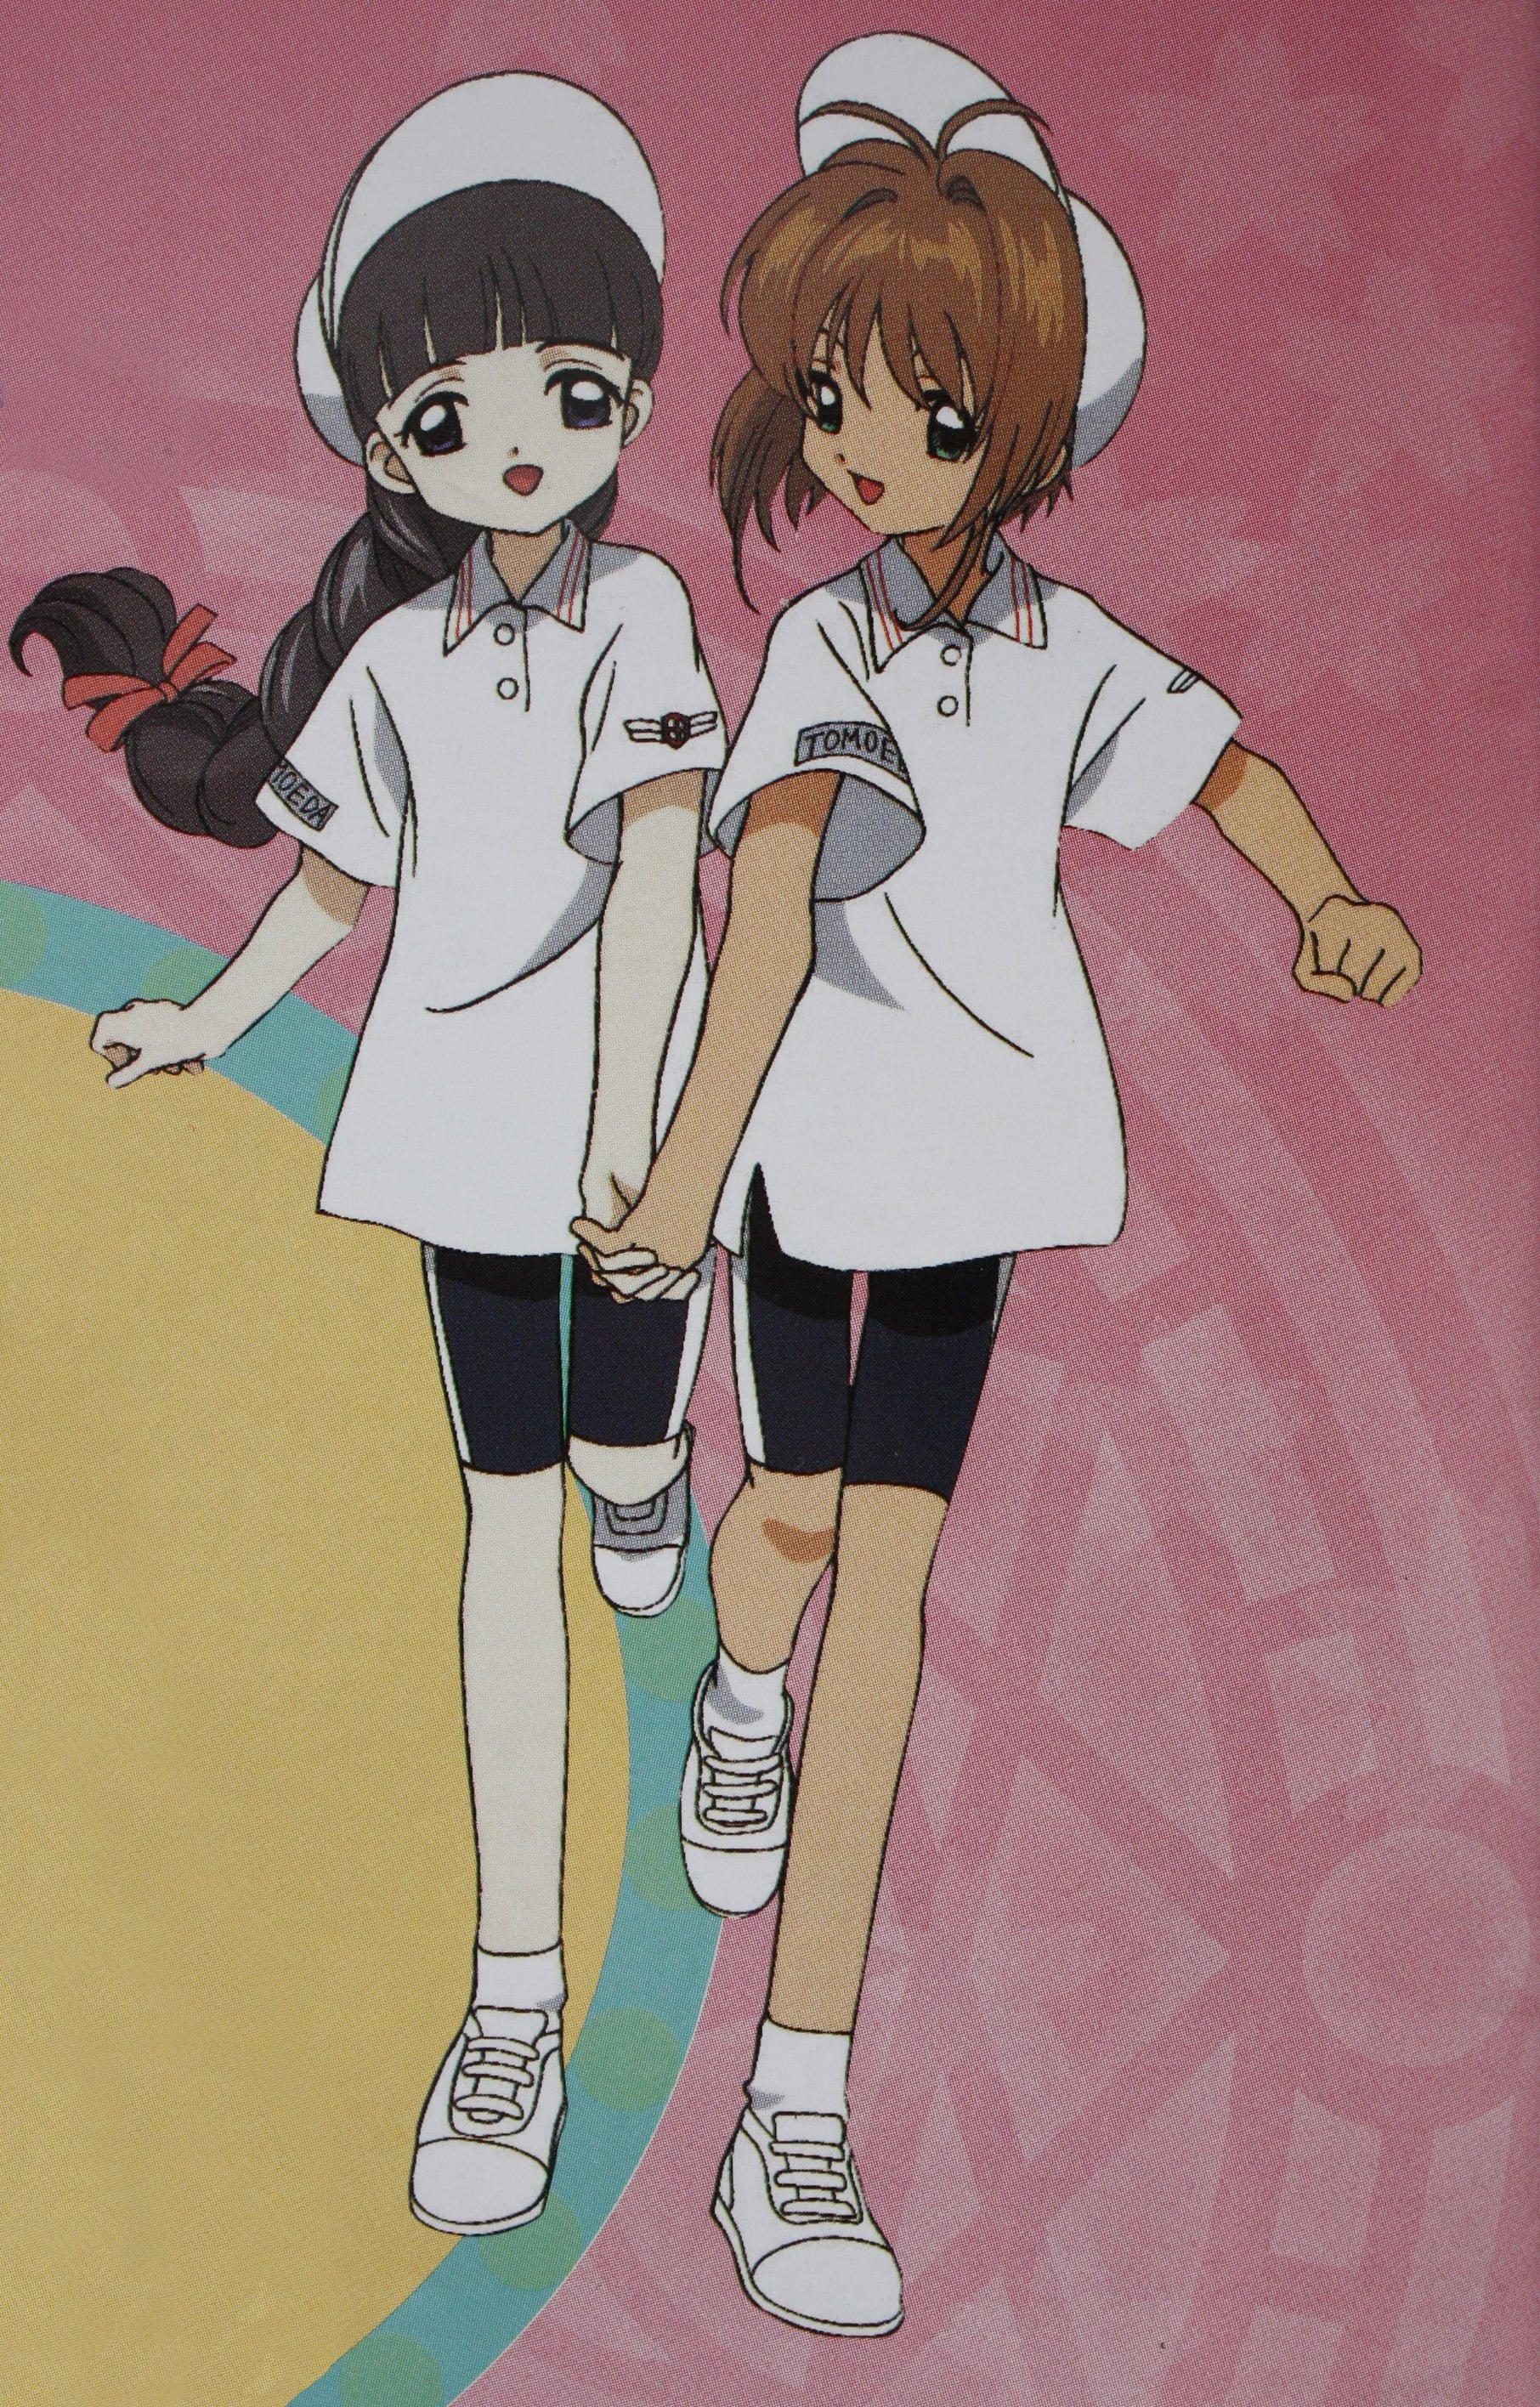 sakura y tomoyo uniforme de maraton